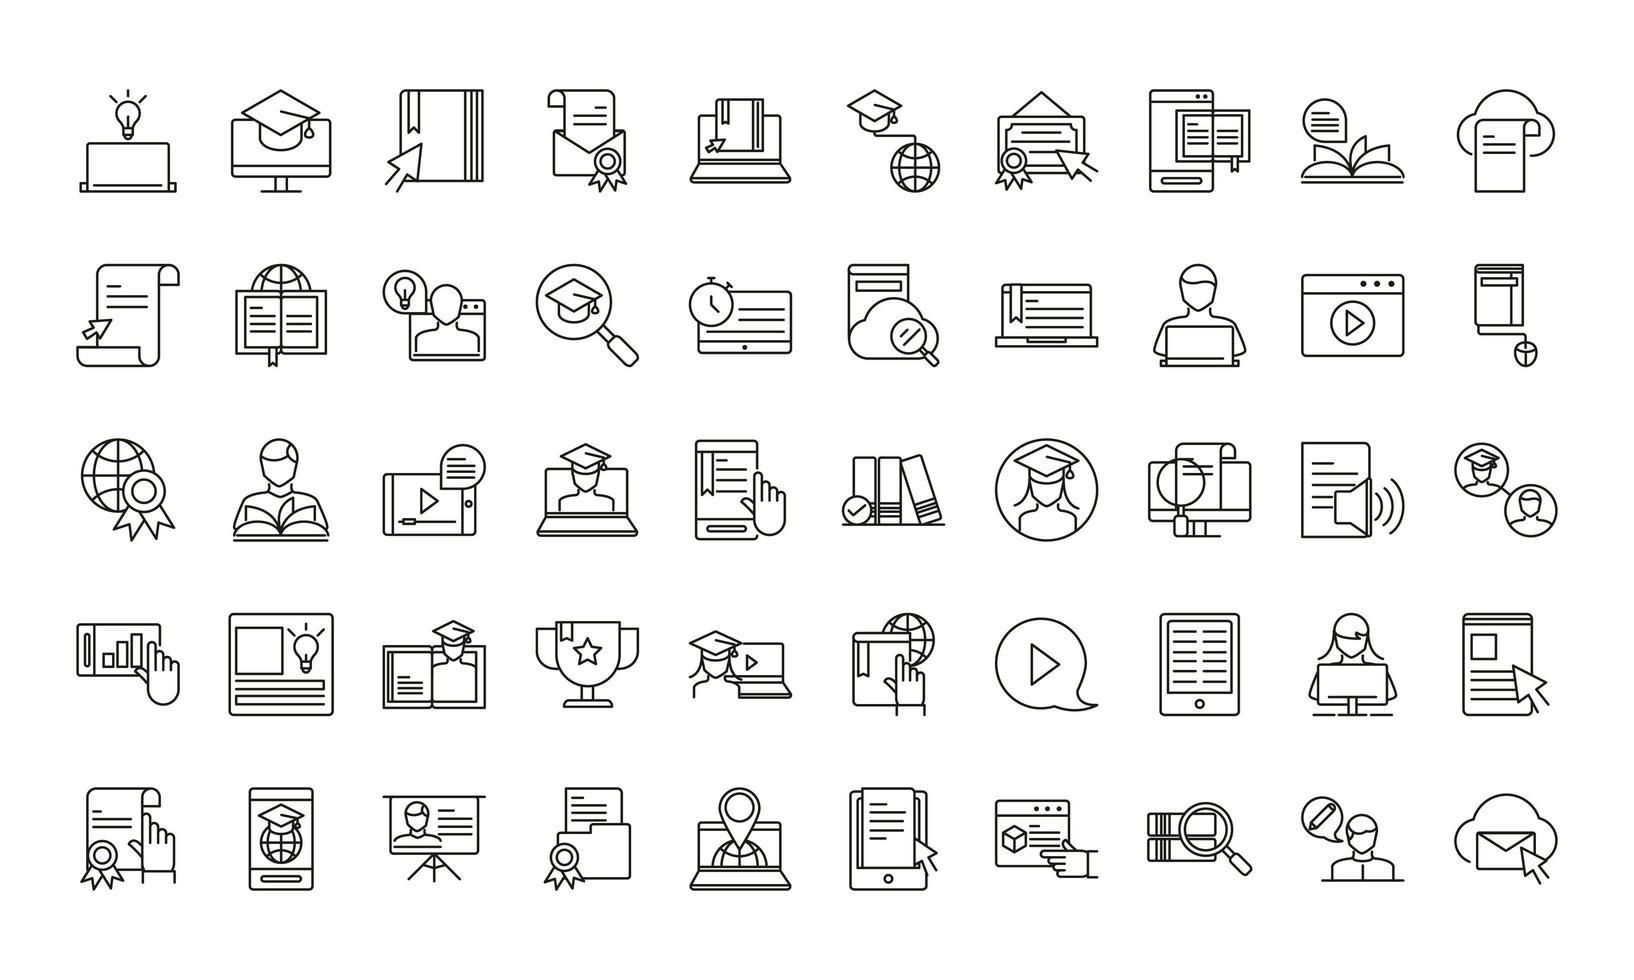 verzameling van pictogrammen voor online onderwijs vector